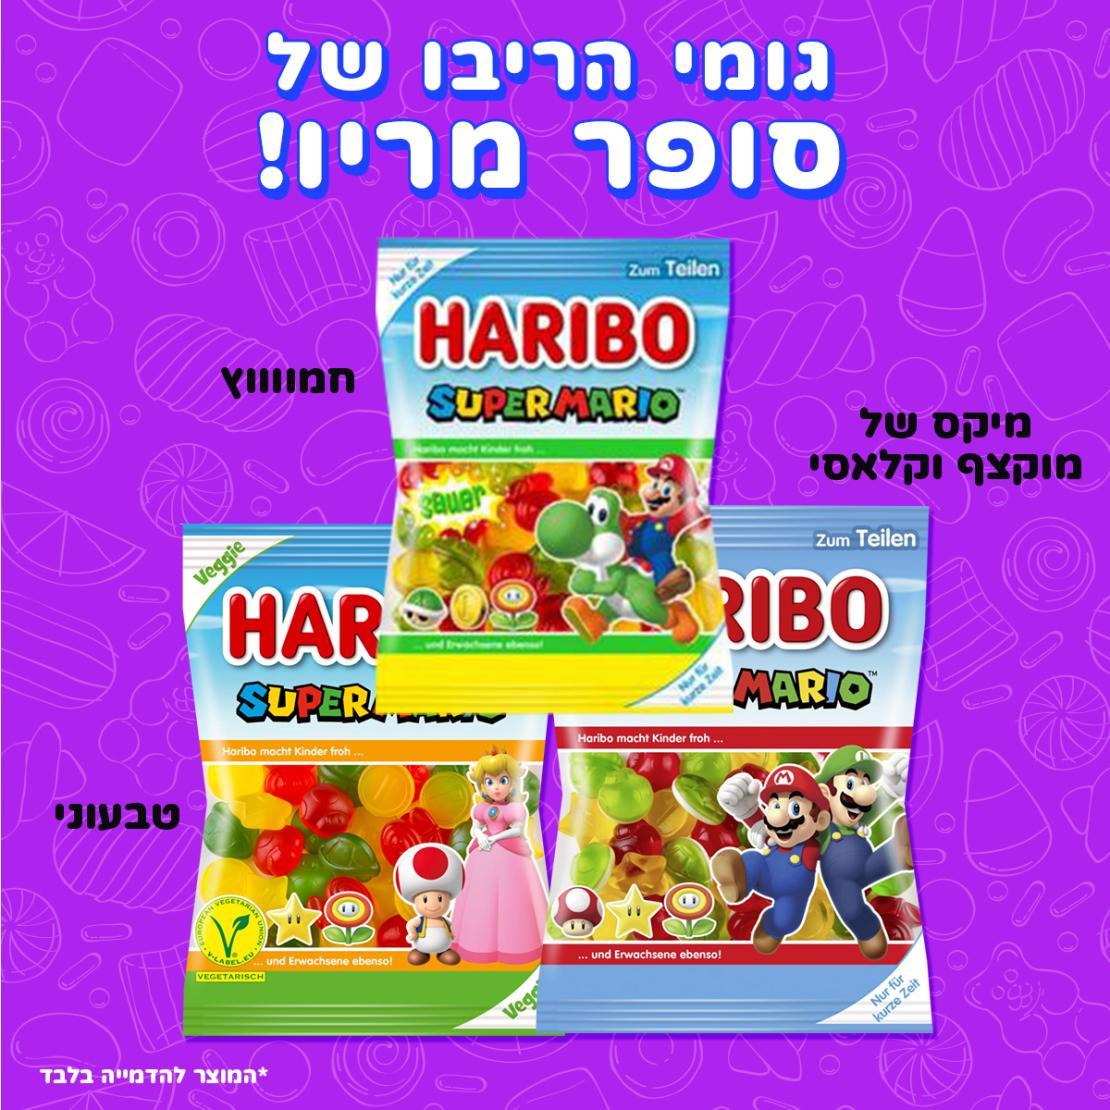 גומי הריבו של סופר מריו - Haribo Super Mario